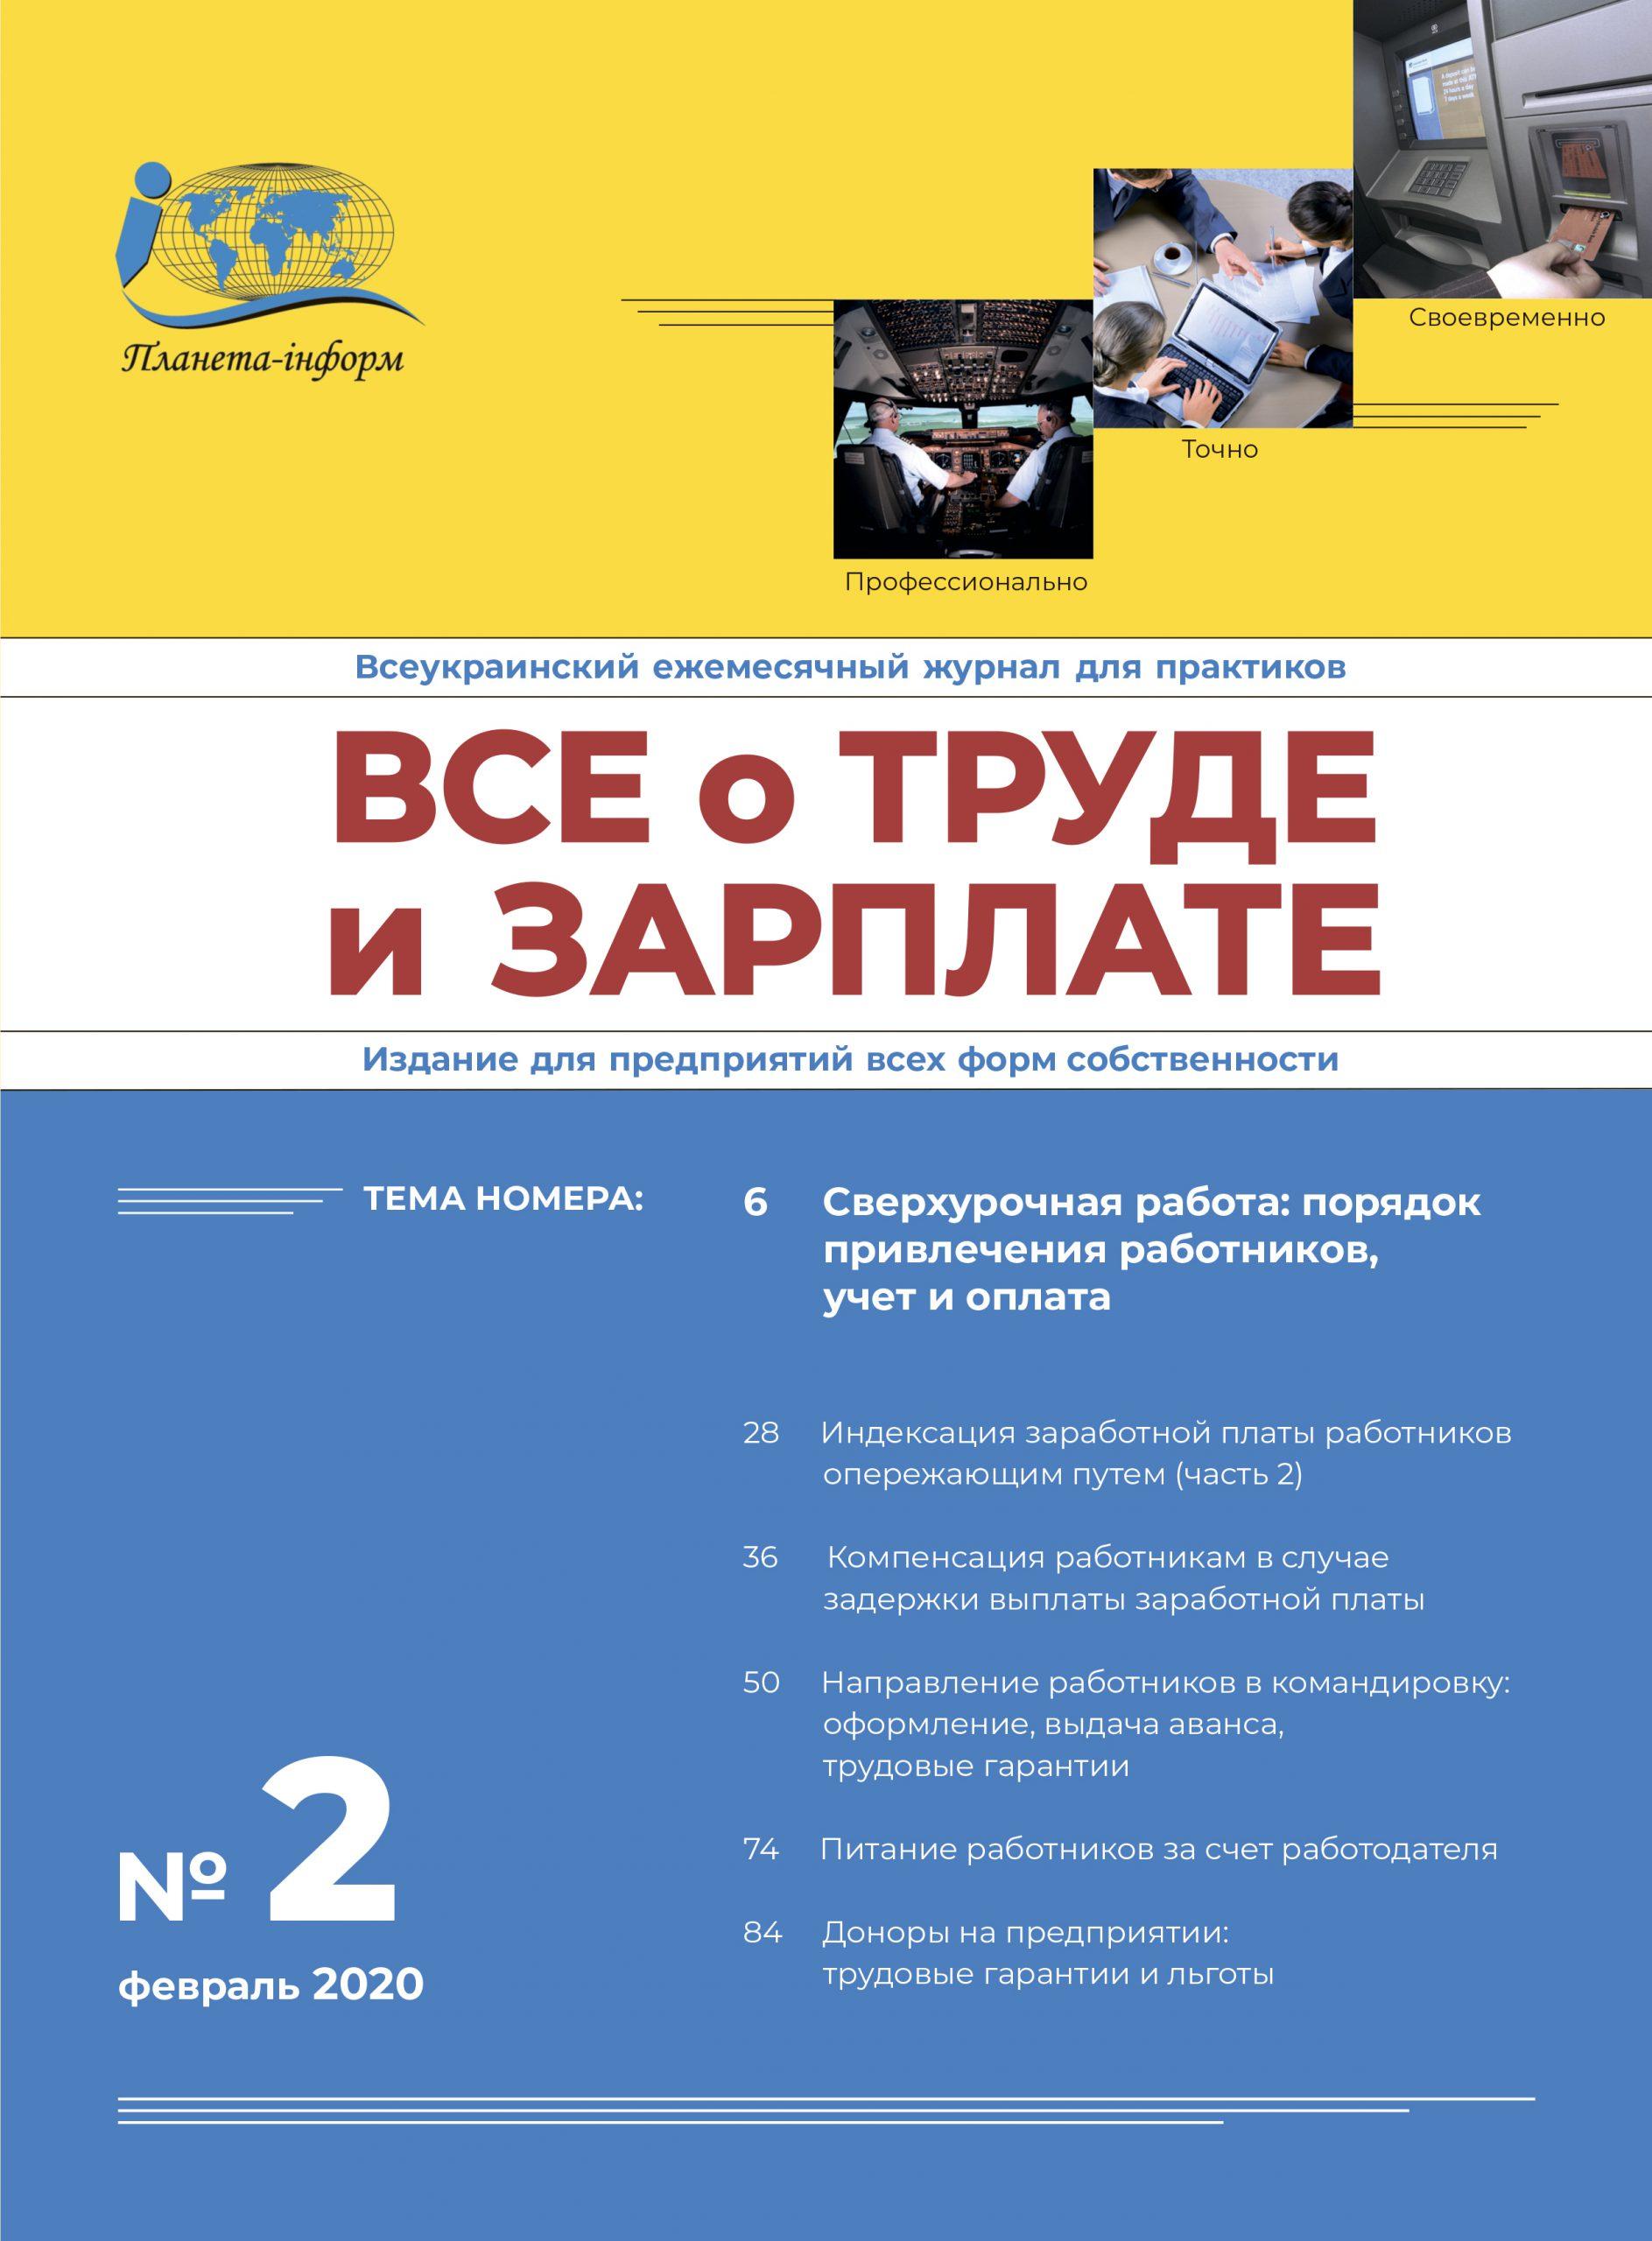 Журнал Все о труде и зарплате № 2/2020